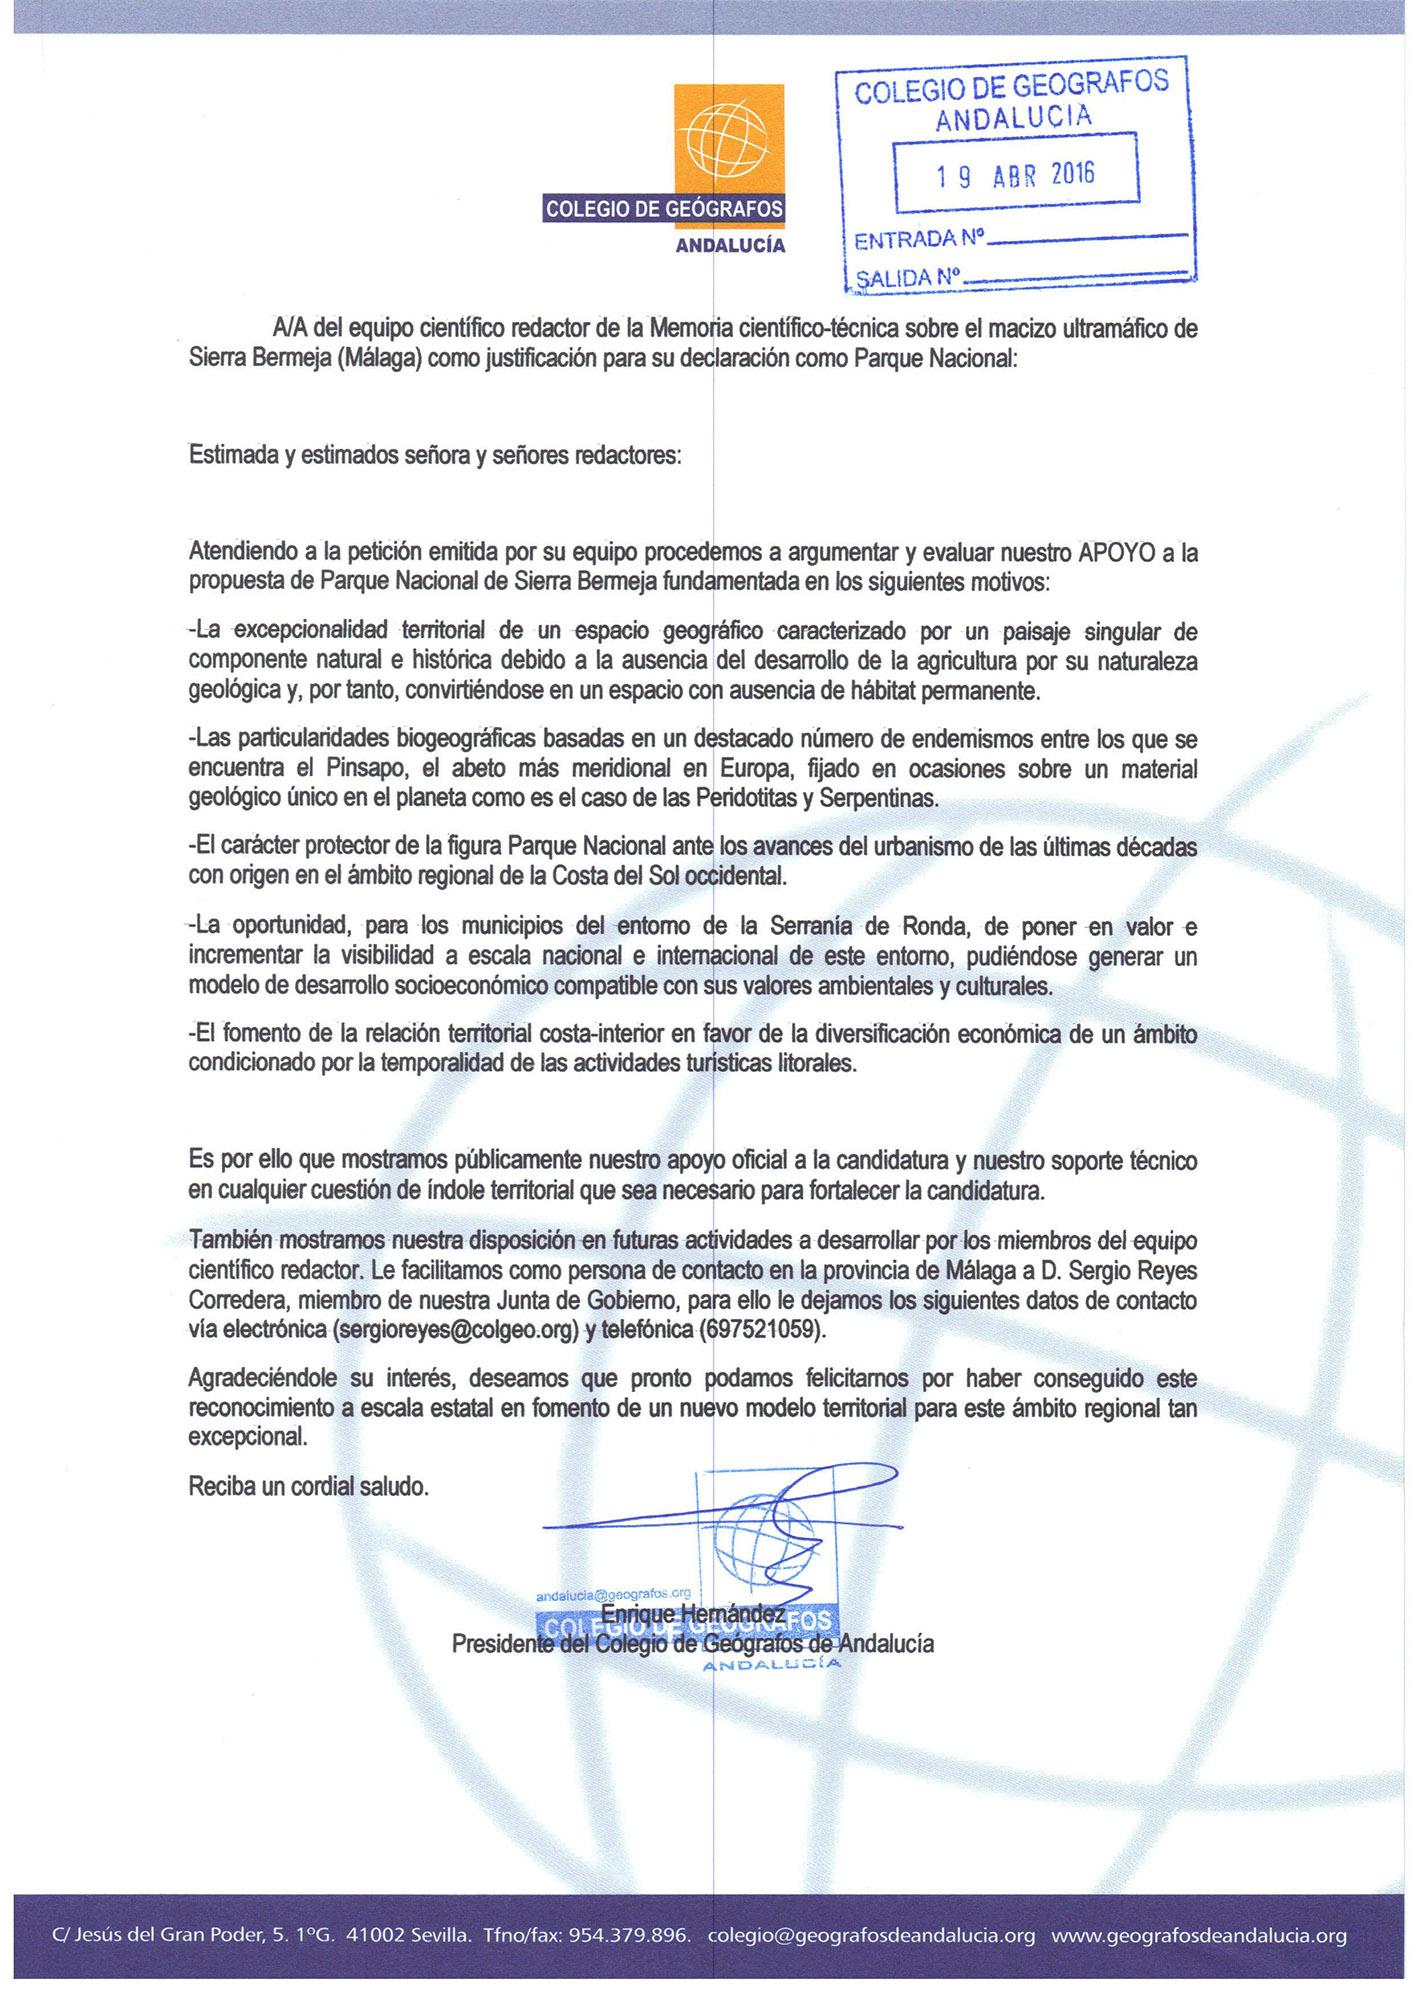 El Colegio de Geógrafos de Andalucía apoya la declaración de Sierra Bermeja como Parque Nacional